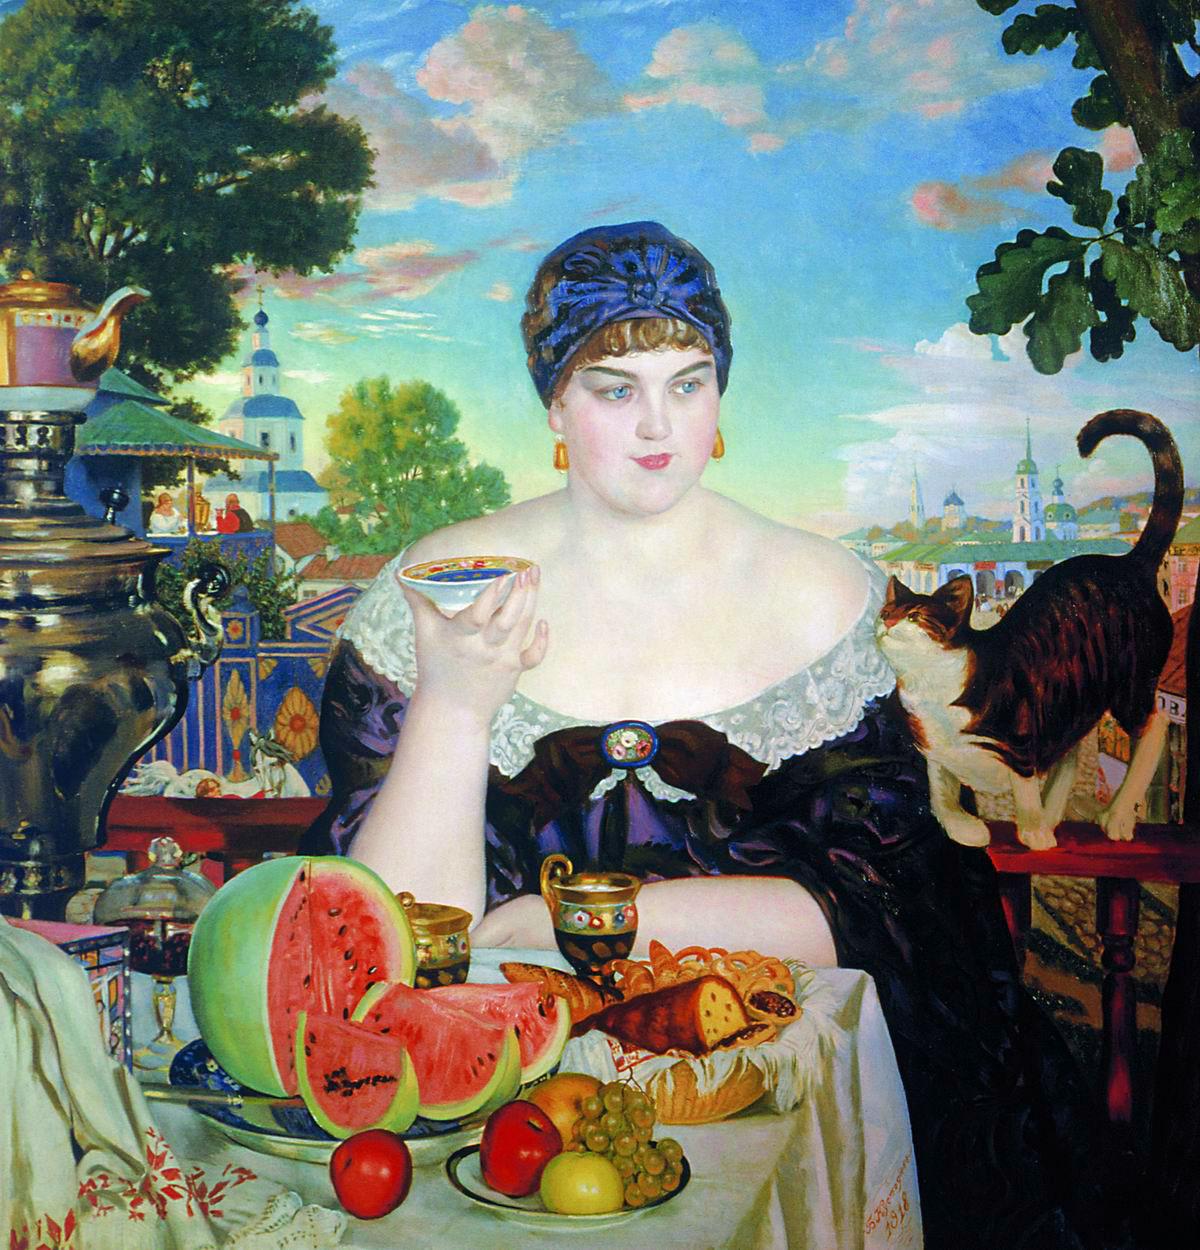 """11/16. Борис Кустодијев је на сликама """"Жена трговца"""", """"Девојка на Волги"""" и """"Лепота"""" представио карактеристичан тип руске жене. У овим делима доминира сликарево дивљење, али је приметна и блага иронија. """"Жена трговца пије чај"""", Борис Кустодијев, 1918."""